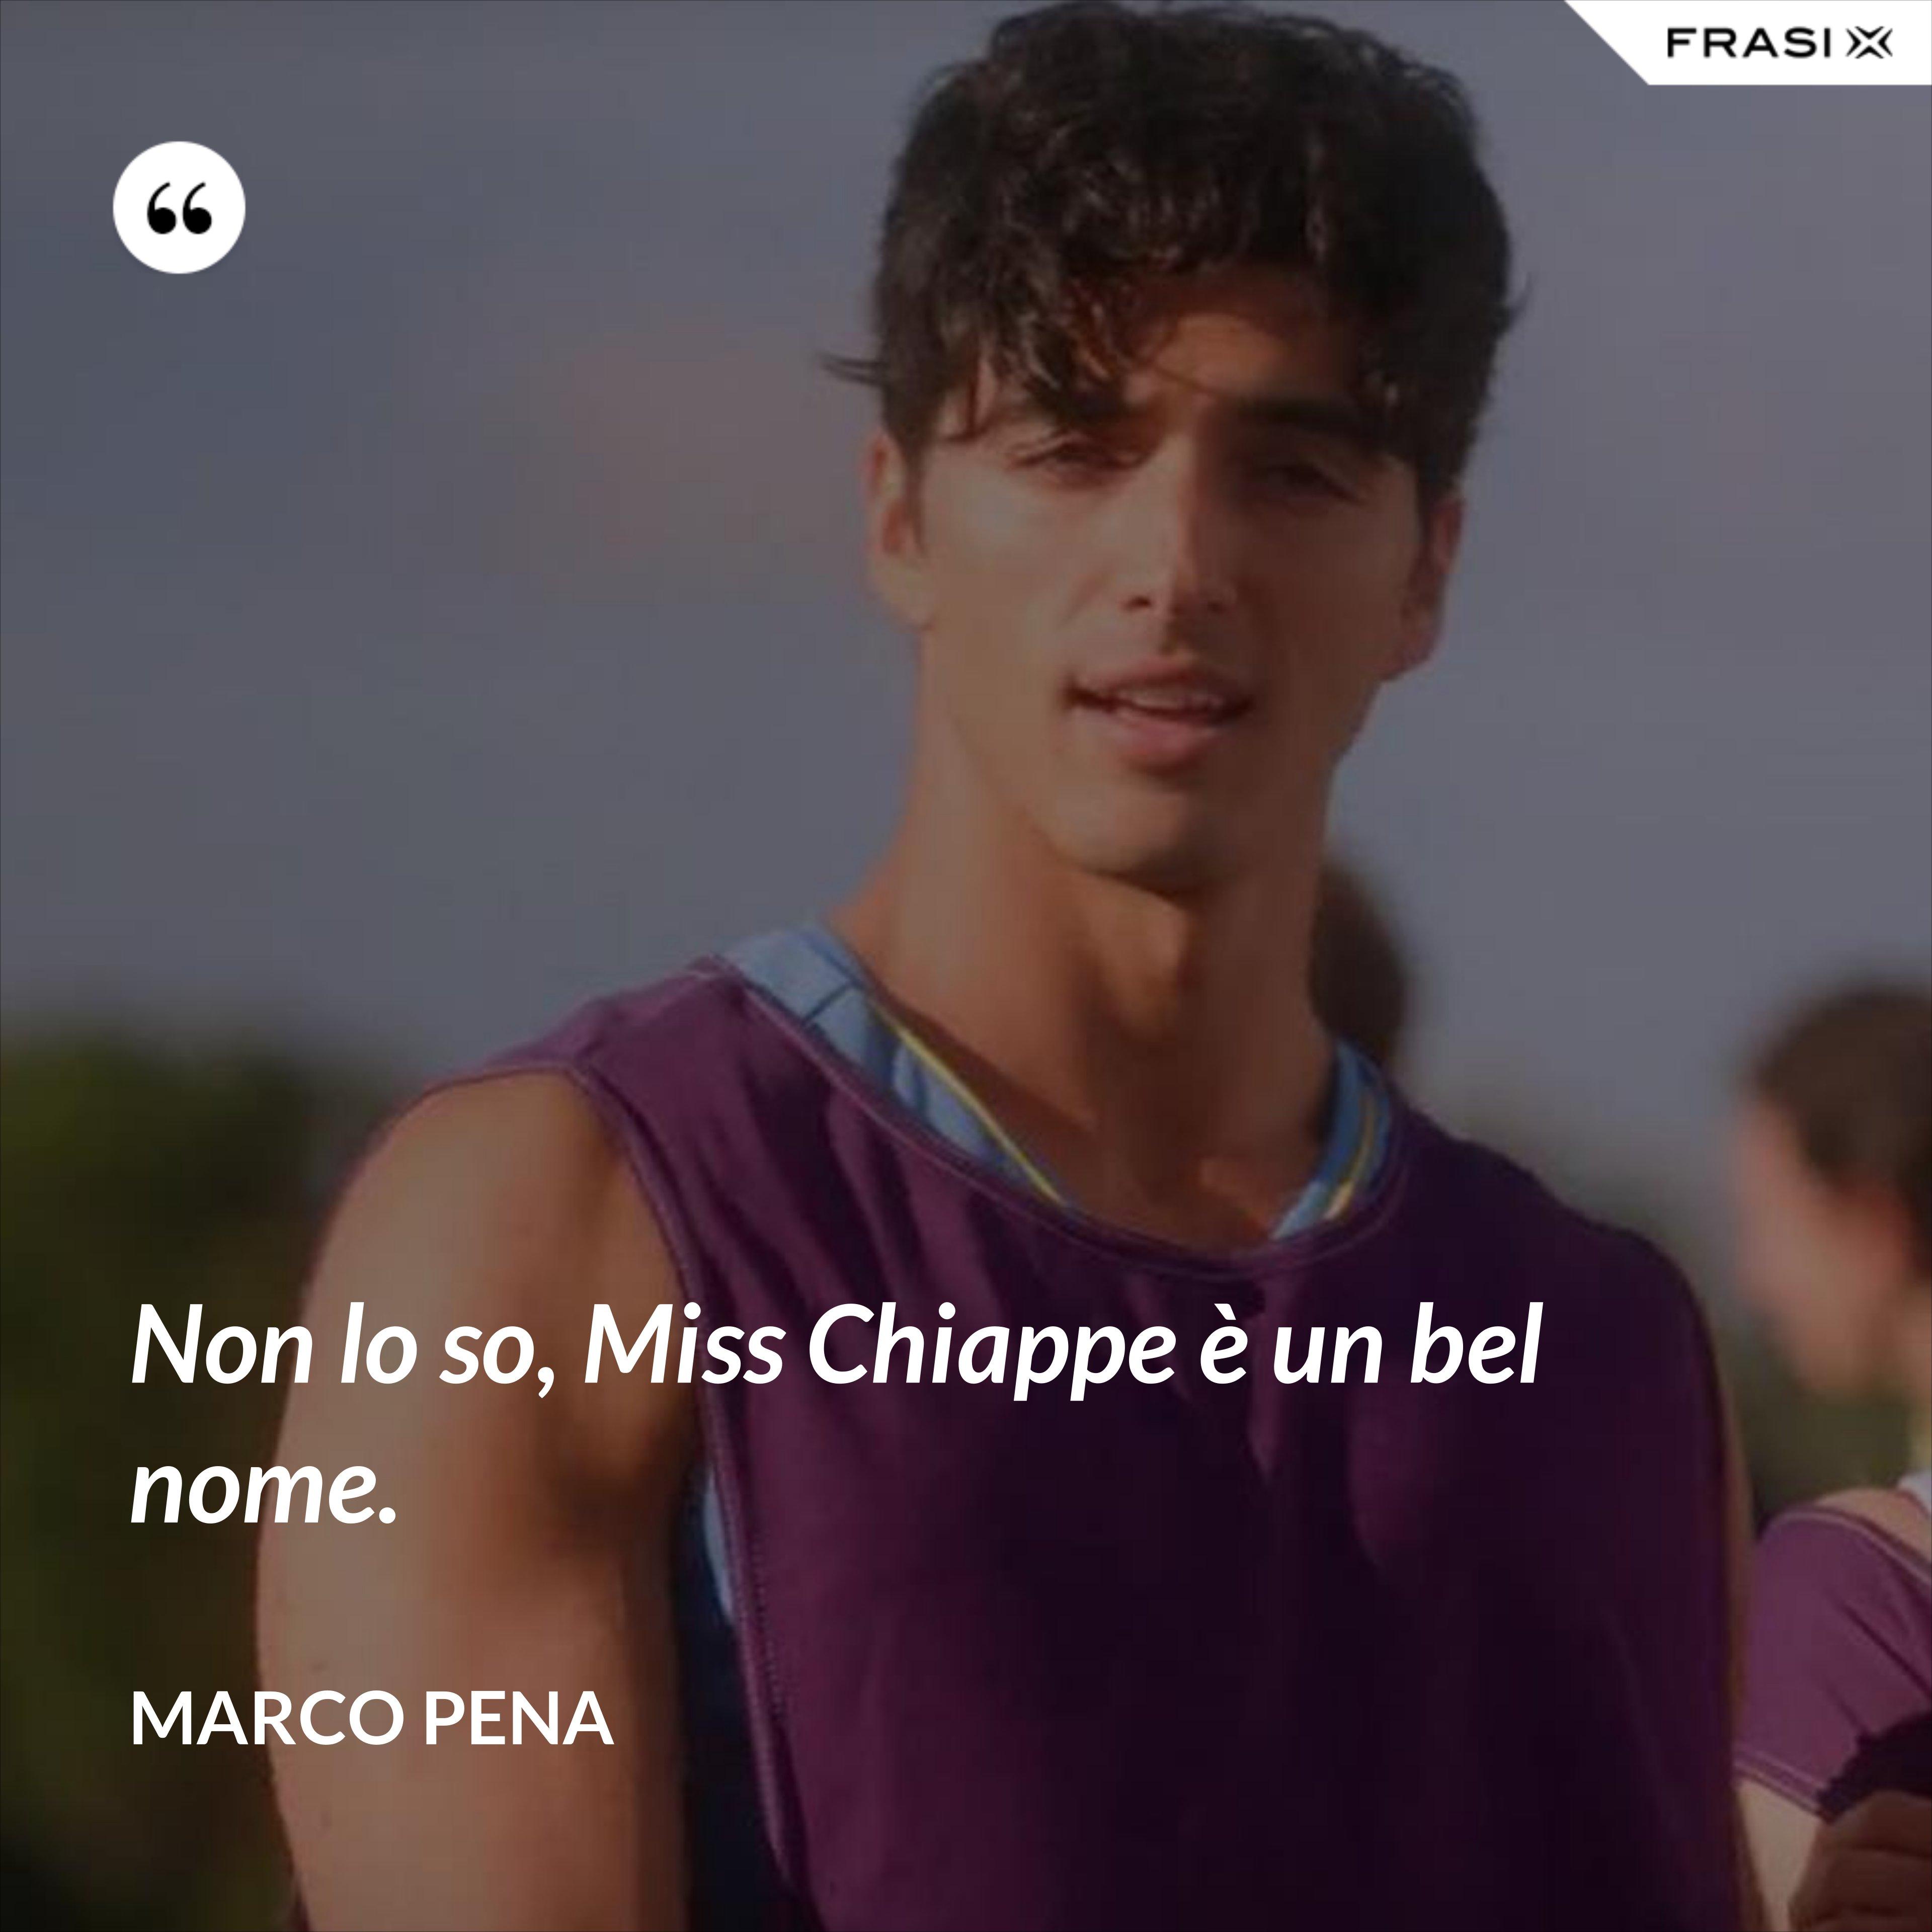 Non lo so, Miss Chiappe è un bel nome. - Marco Pena